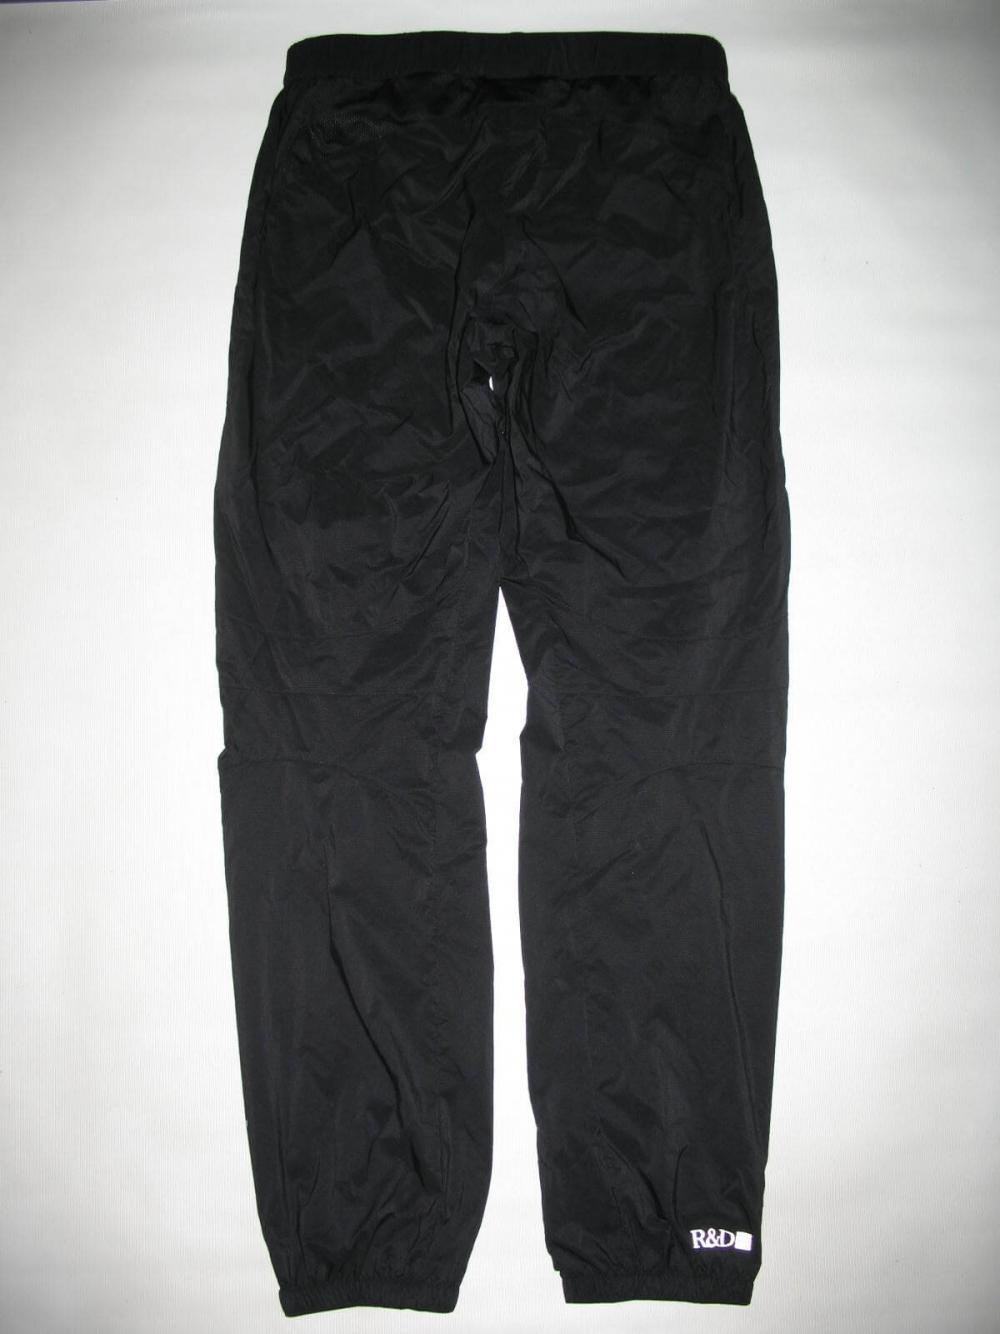 Штаны PEAK PERFOMANCE ultralight pants (размер M/L) - 2